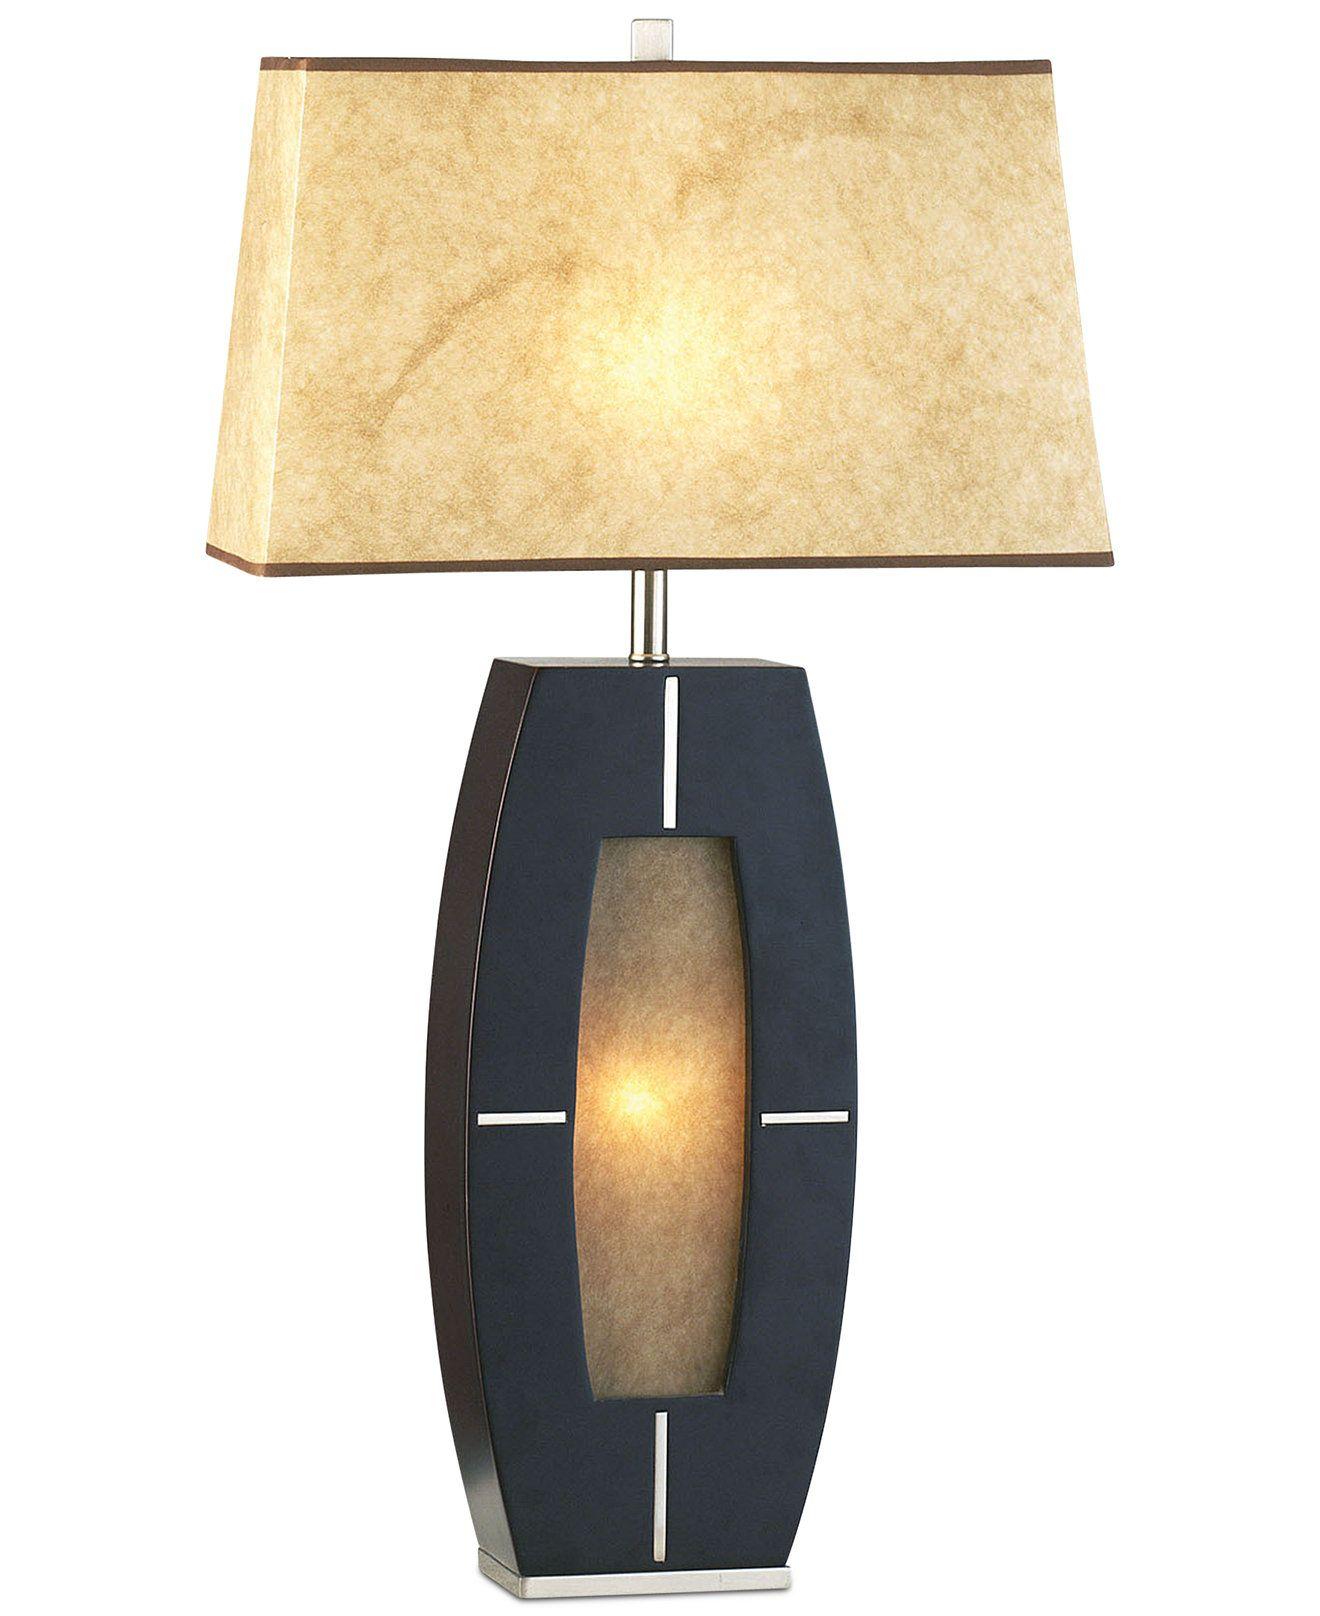 Nova Lighting Delacy Wood Table Lamp Lighting Lamps For The Home Macy S Table Lamp Wood Nova Lighting Table Lamp